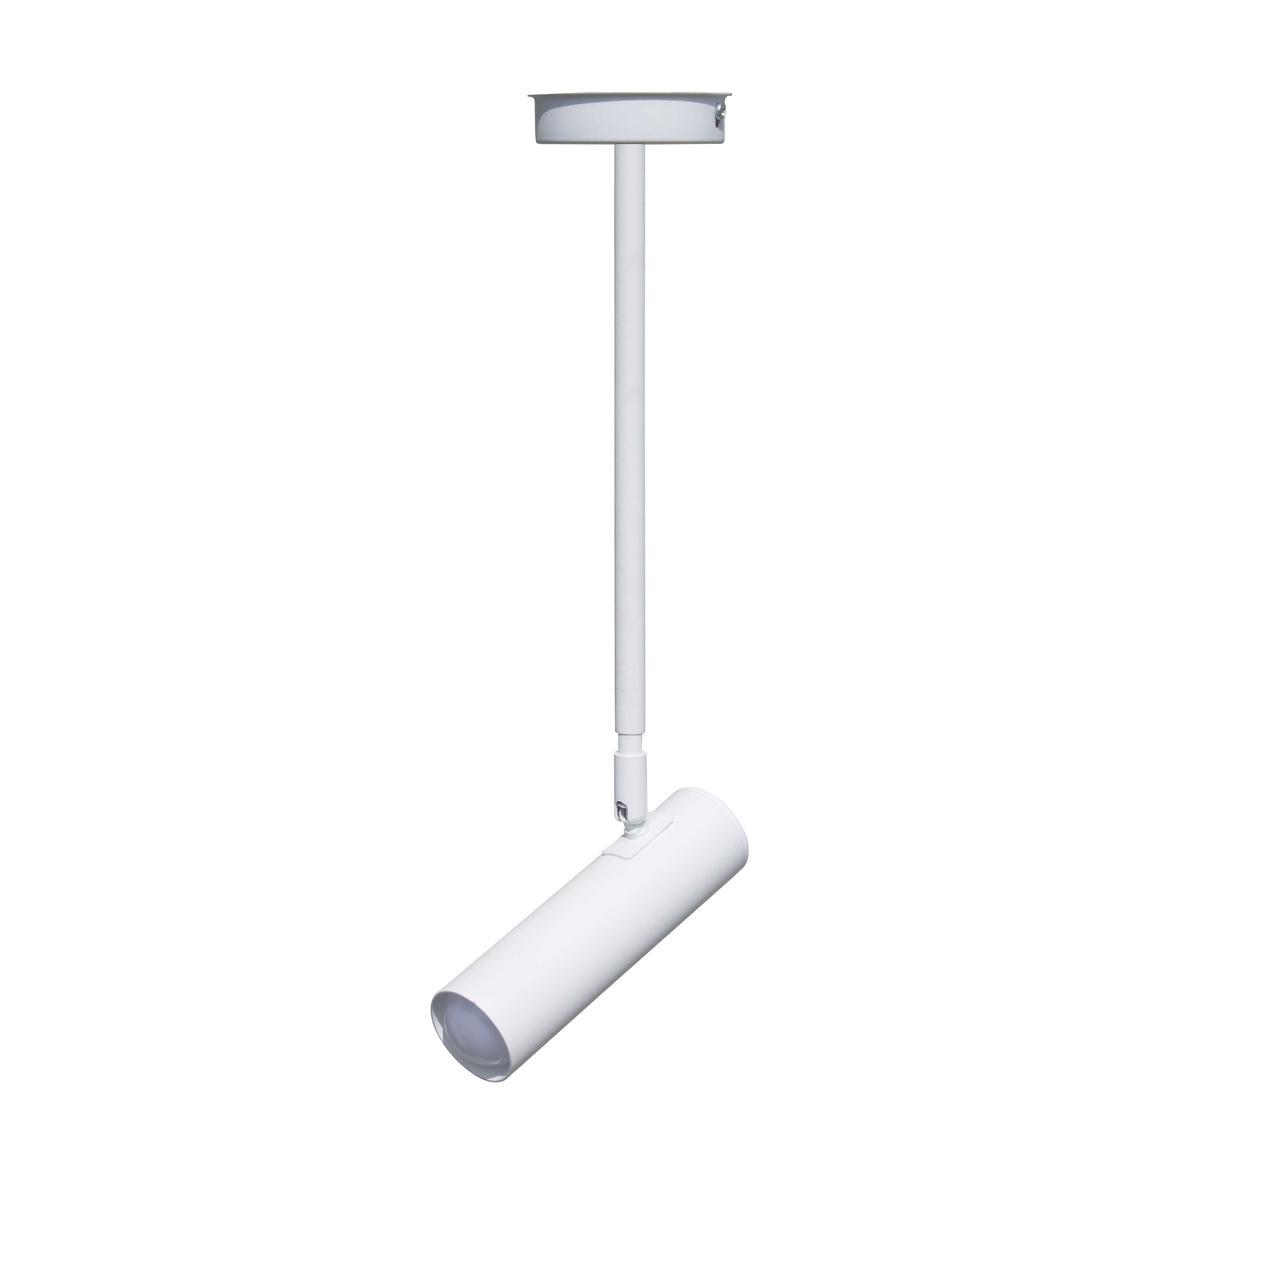 Світильник з поворотним плафоном на трубці NL 1730 W MSK Electric